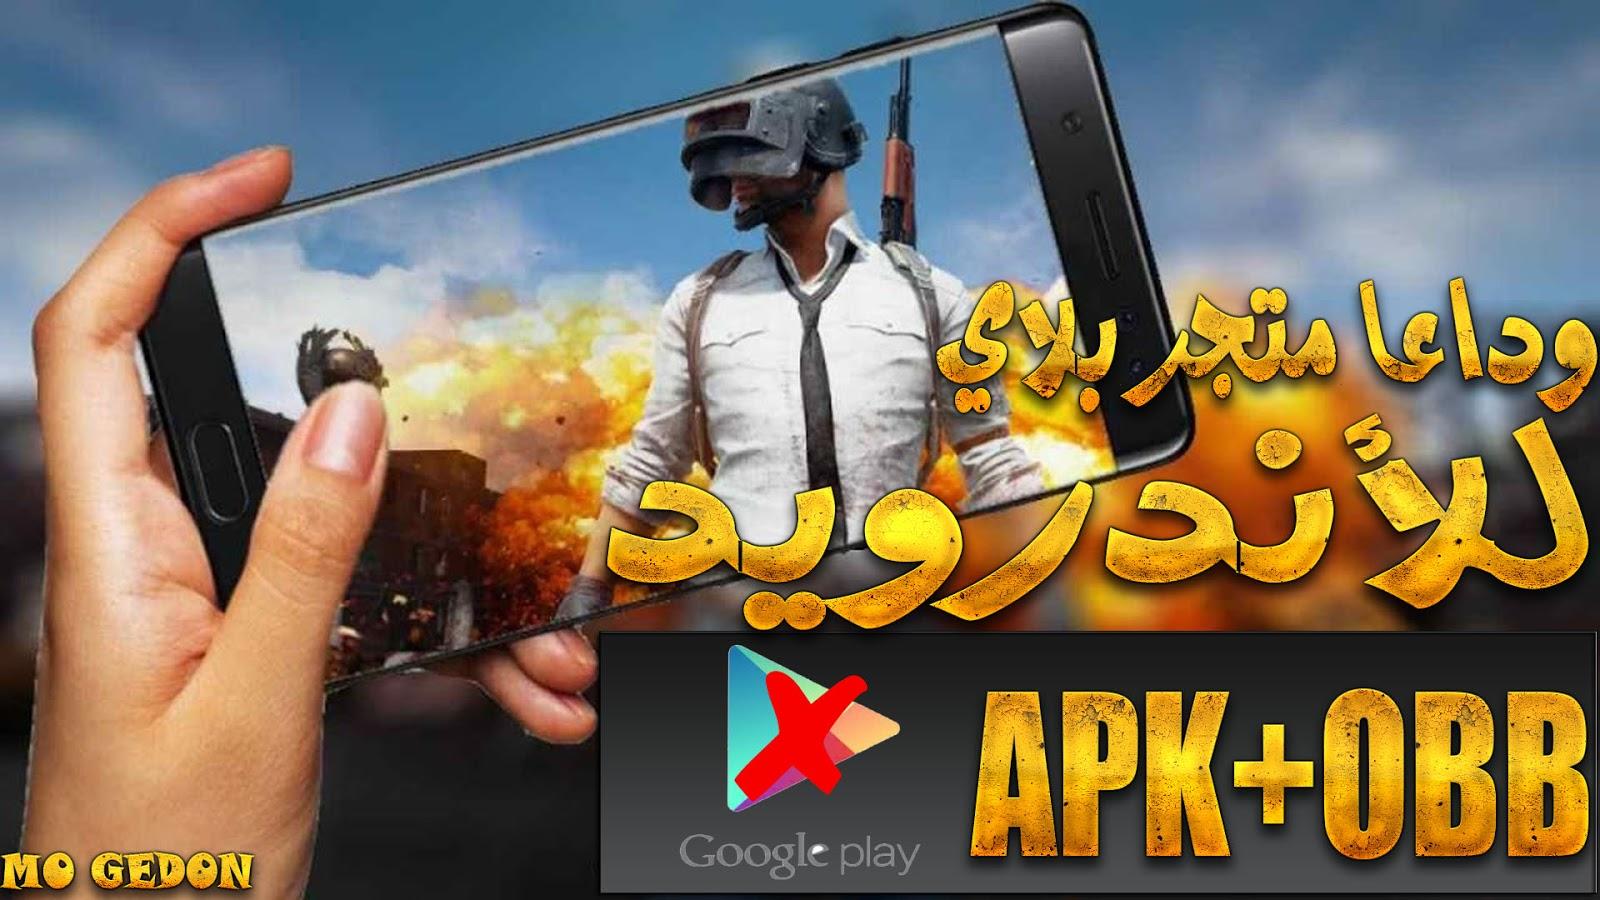 تحميل لعبة pubg mobile علي محاكي LD player للأجهزة الضعيفة 2